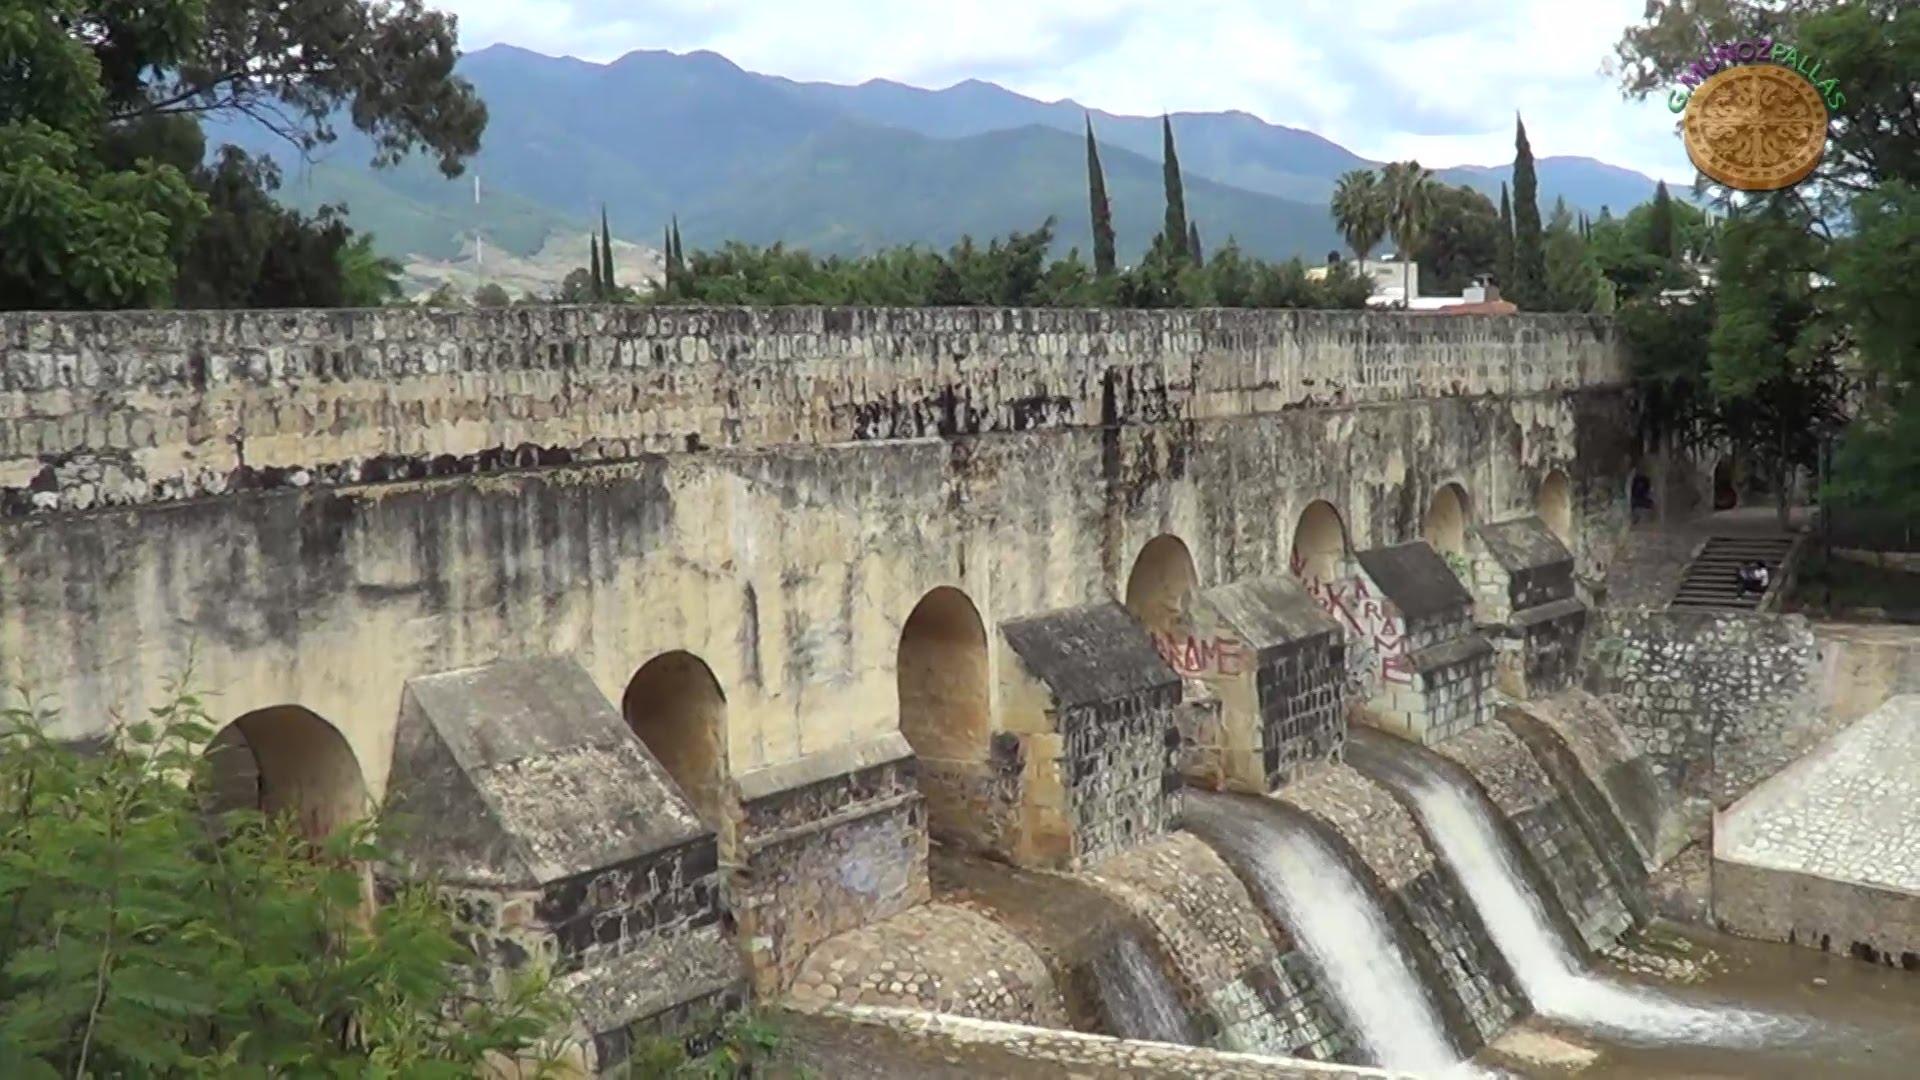 Monitorean arroyos y ríos que bajan de agencia de San Felipe